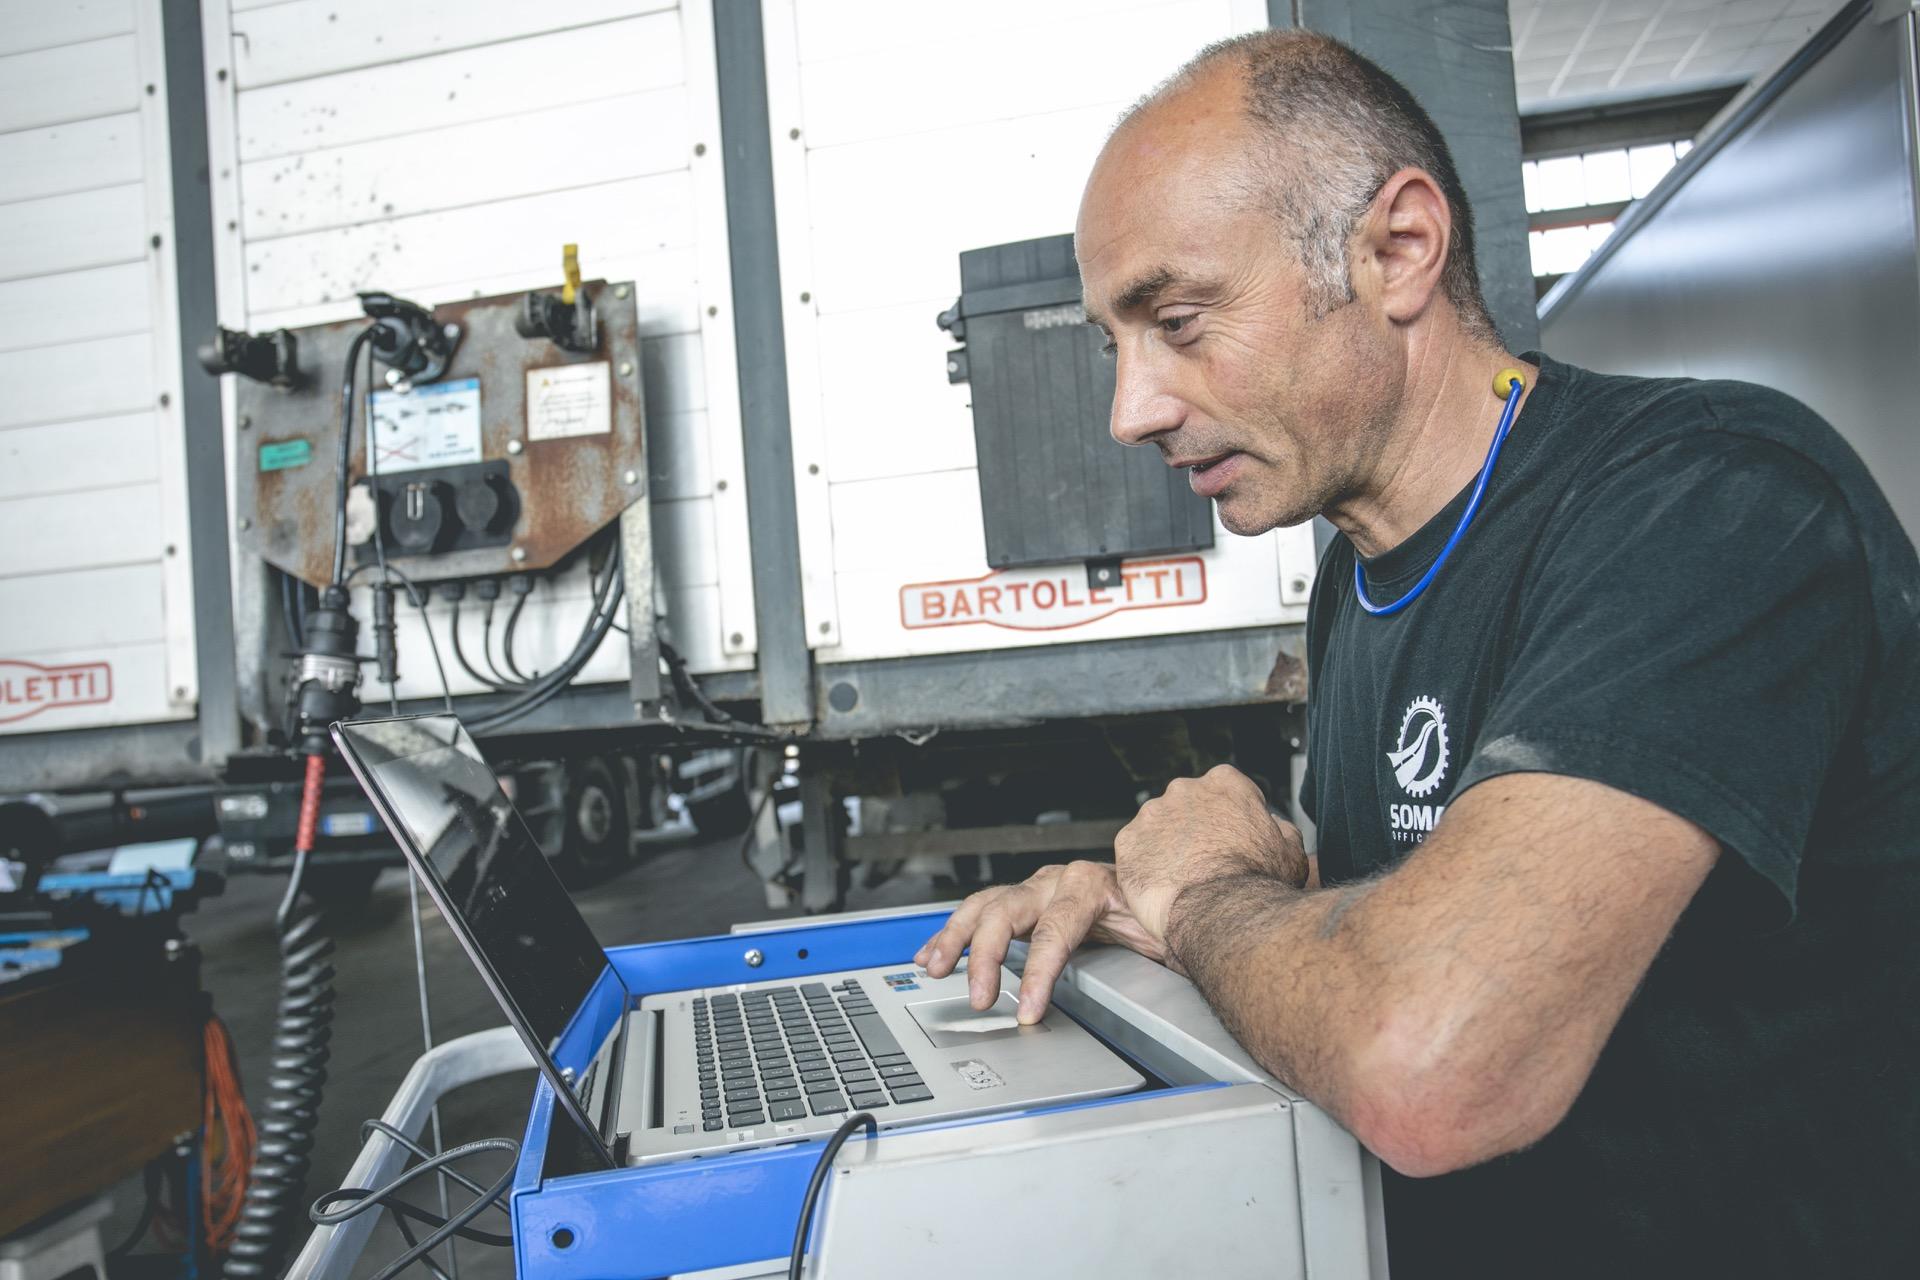 Soma Officina Cesena revisione autocarri attrezzature certificate